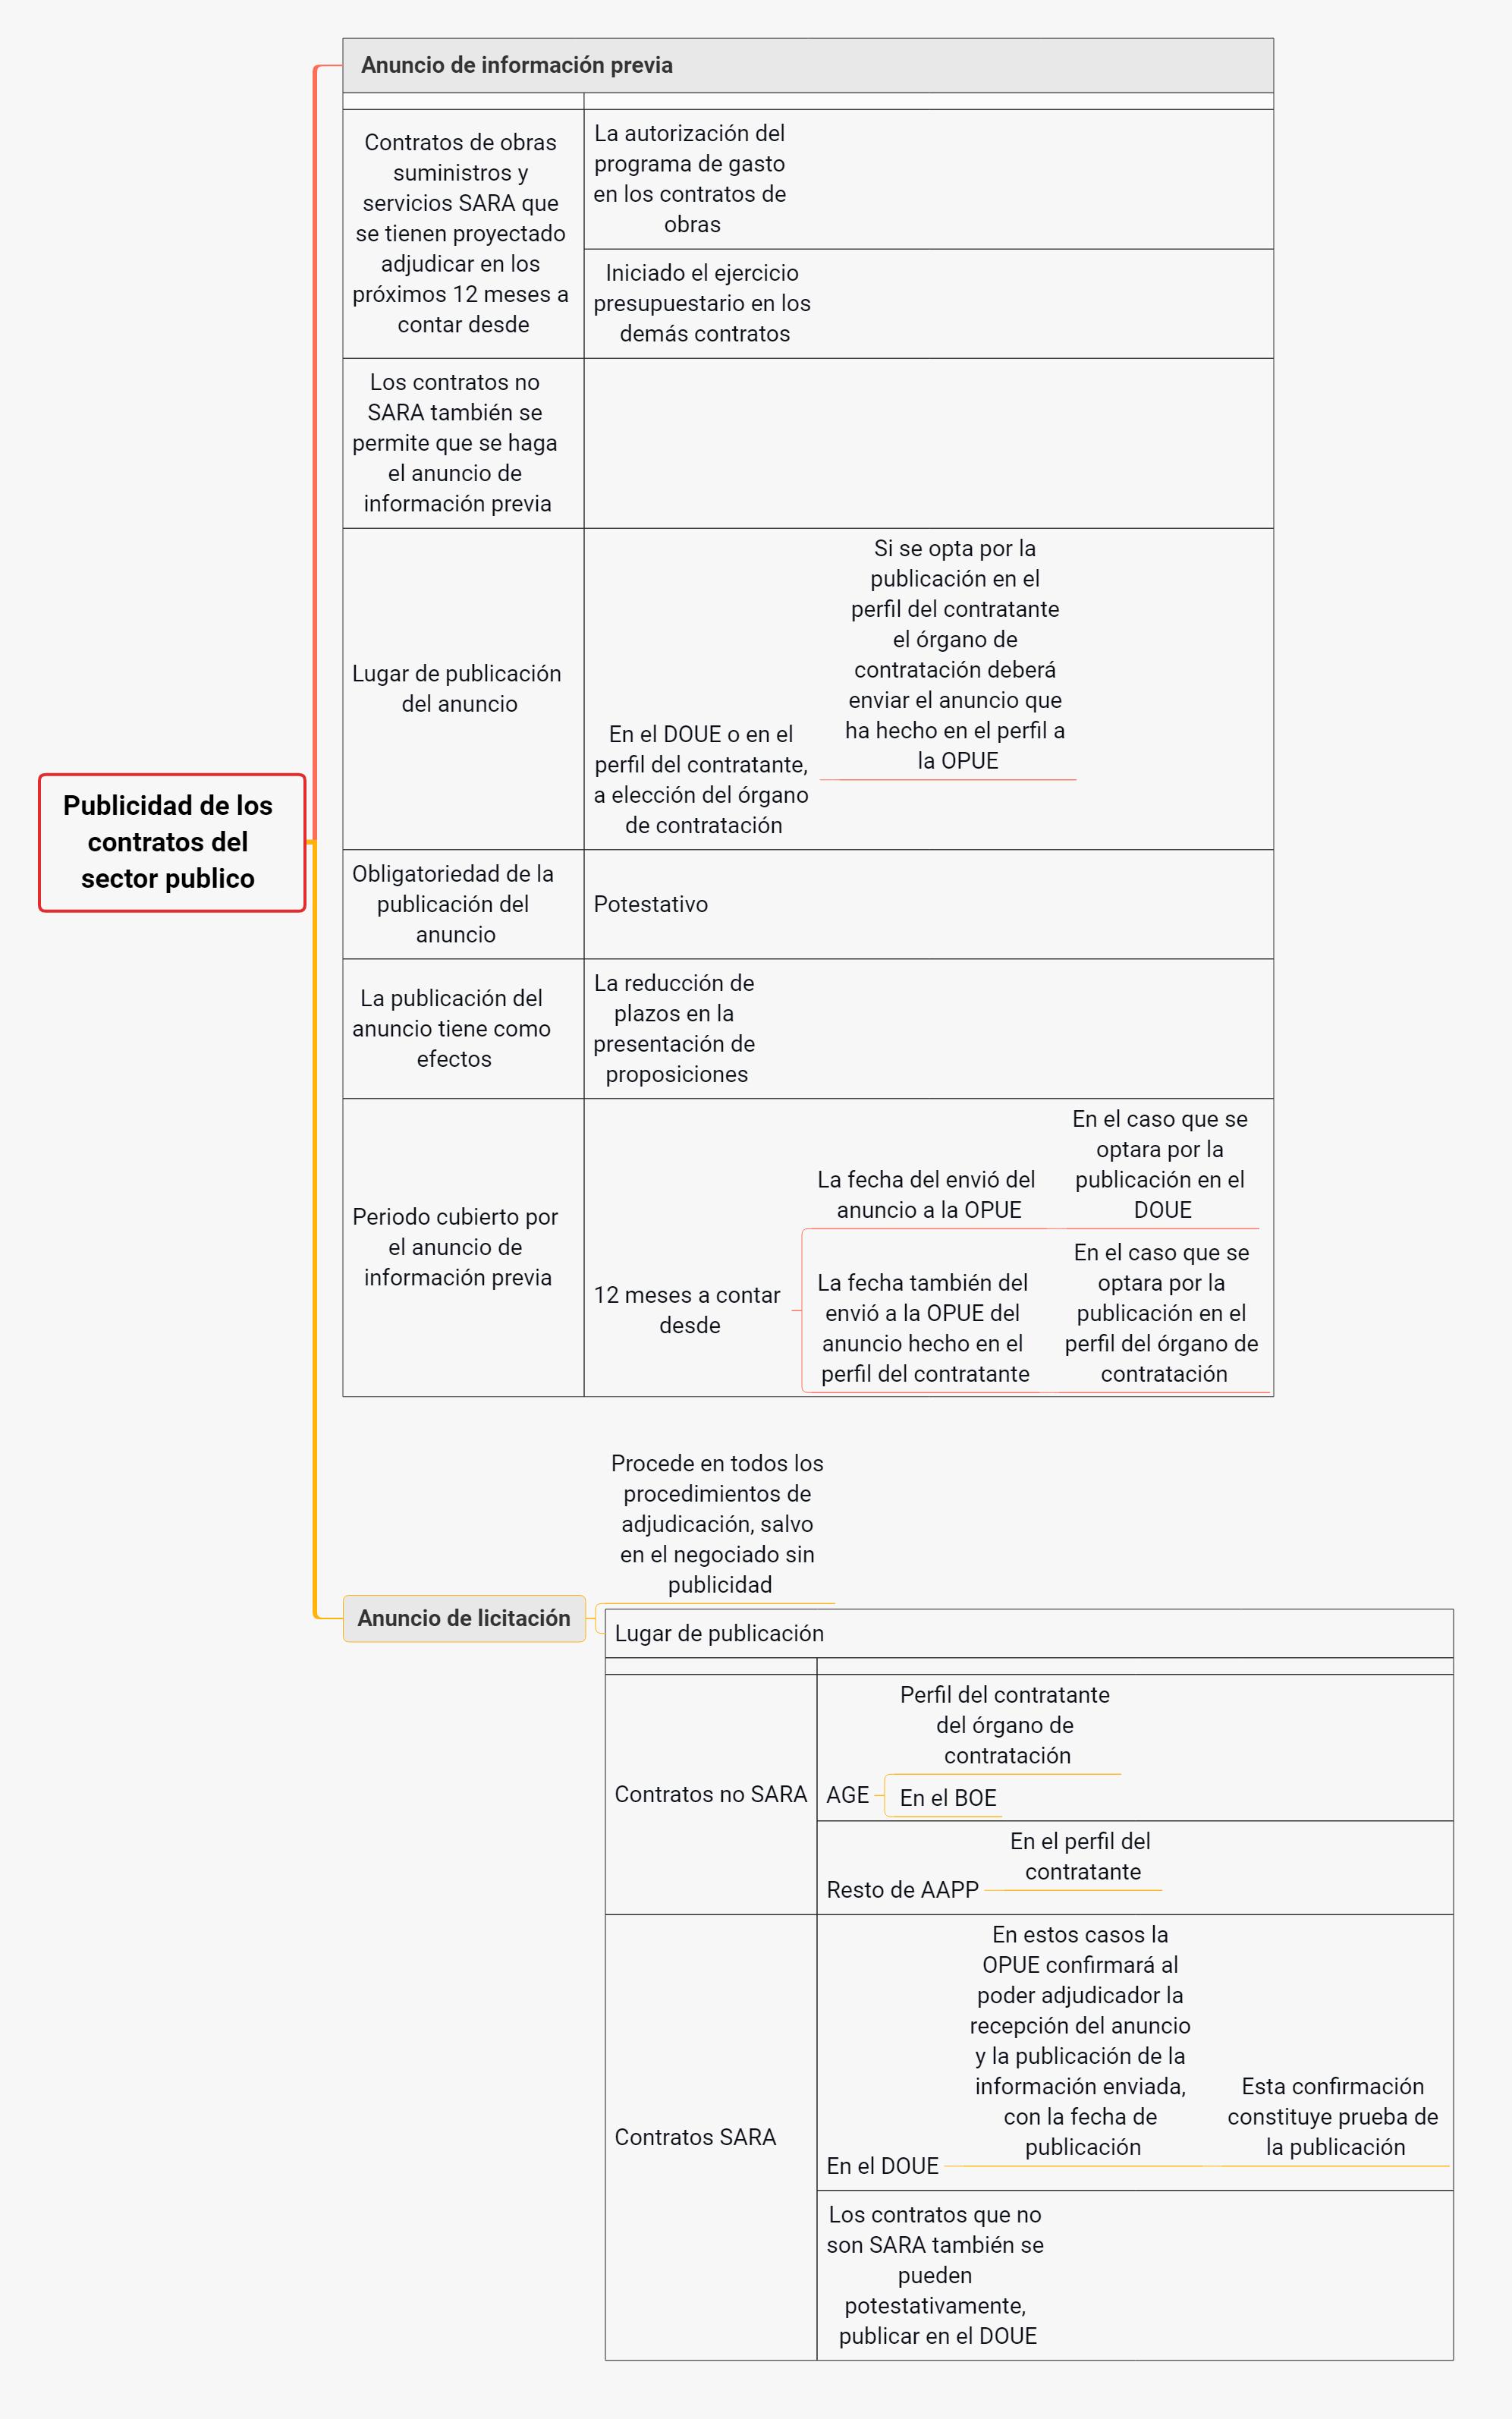 esquema publicidad de los contratos del sector publico